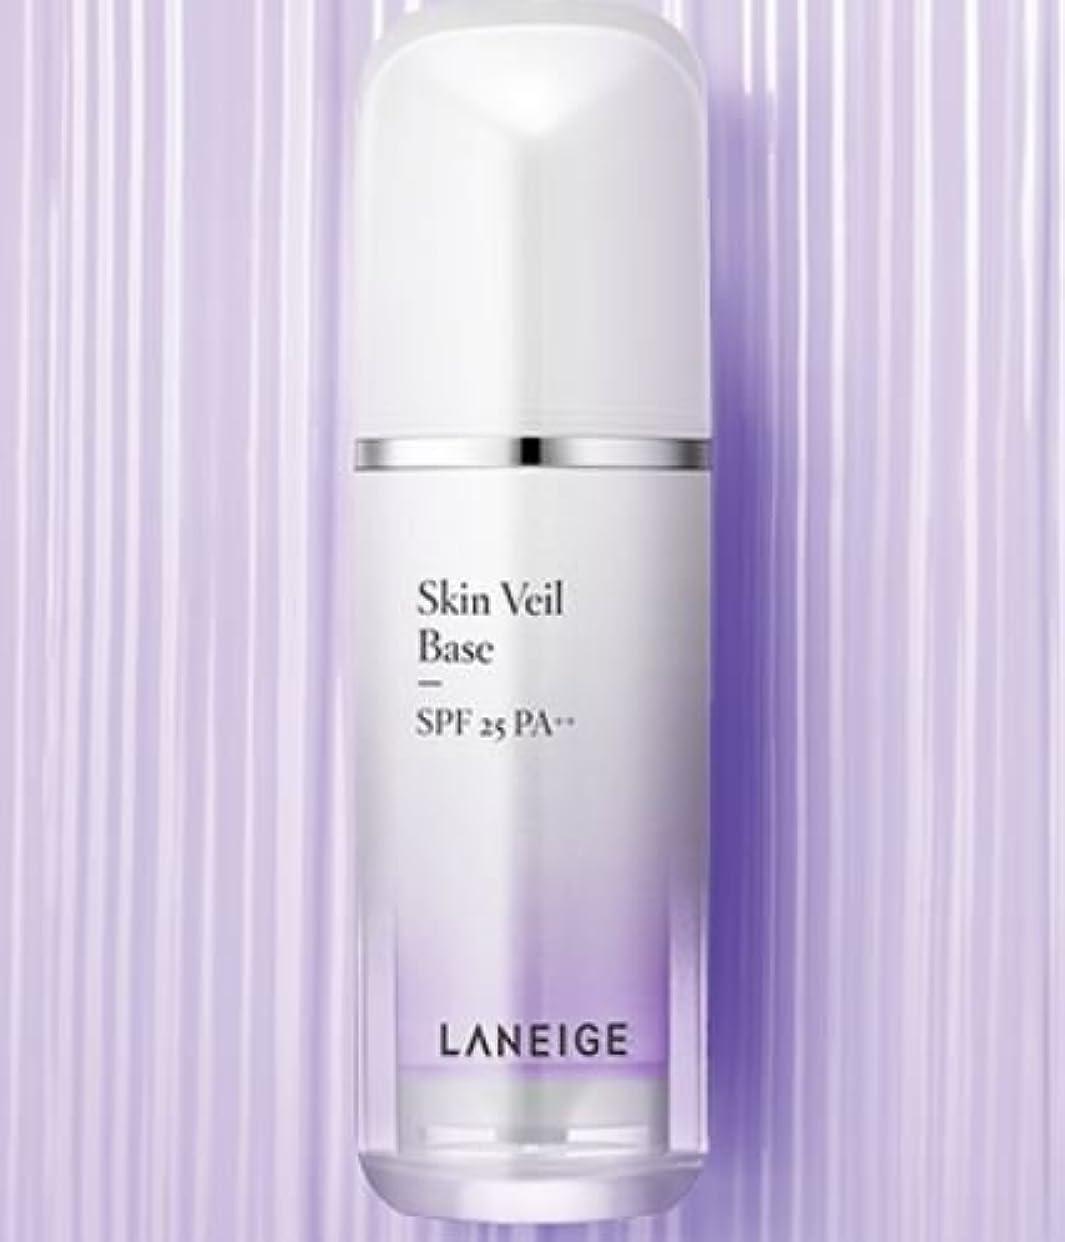 学ぶタワー救い[LANEIGE] Skin Veil Base SPF25 PA++ 30ml/[ラネージュ]スキンベールベース SPF25 PA++ 30ml (# 40 Pure Violet/ピュアバイオレット) [並行輸入品]